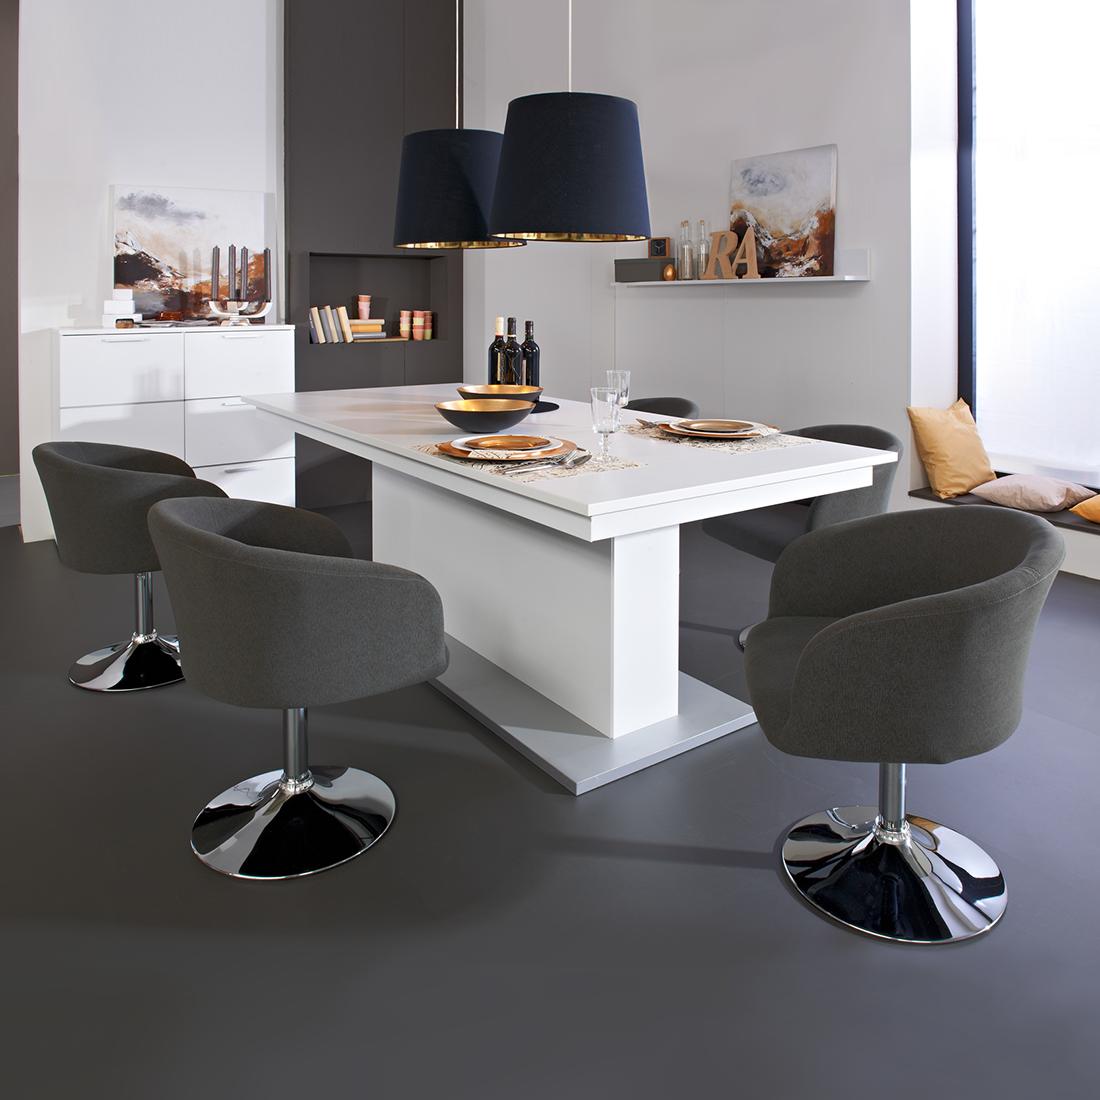 loungesessel esszimmer. Black Bedroom Furniture Sets. Home Design Ideas